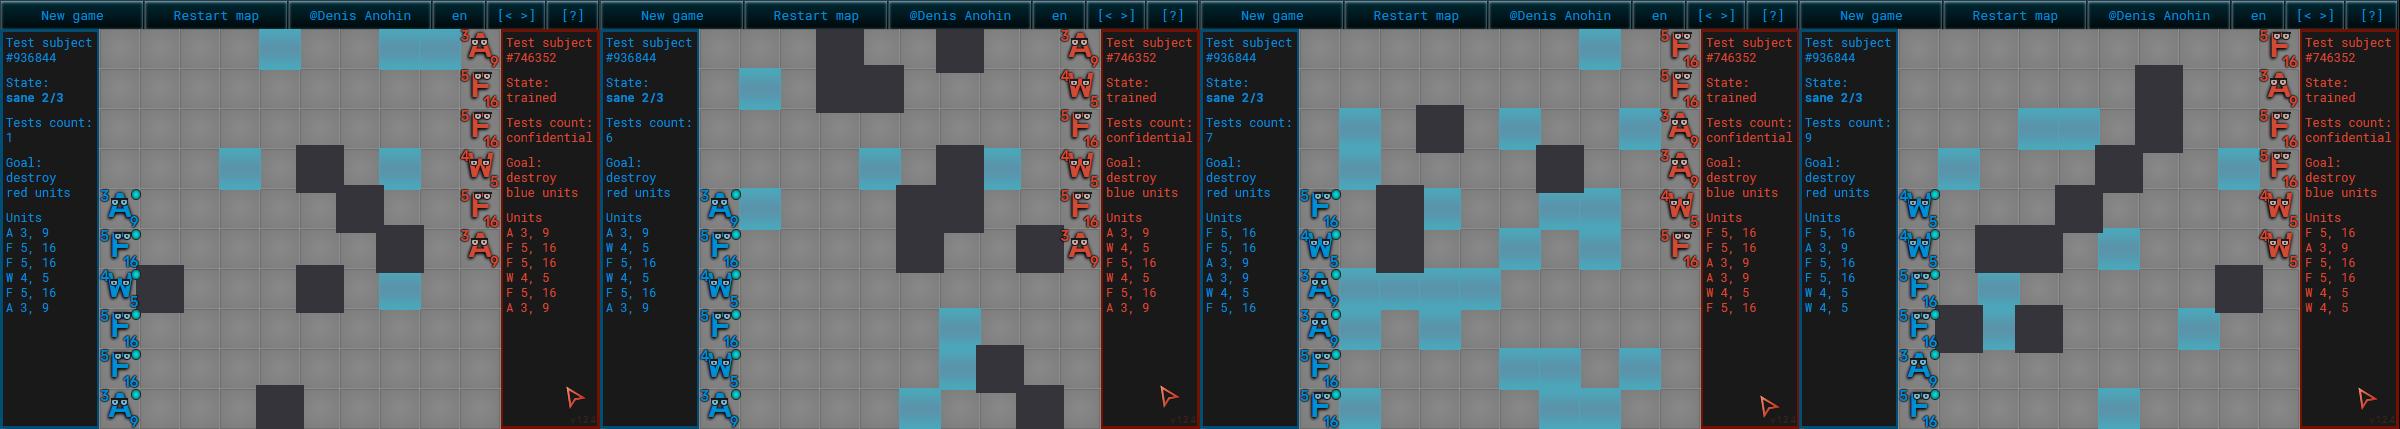 Разработка хитрого ИИ в тактической игре на основе эвристик и мутаций - 3